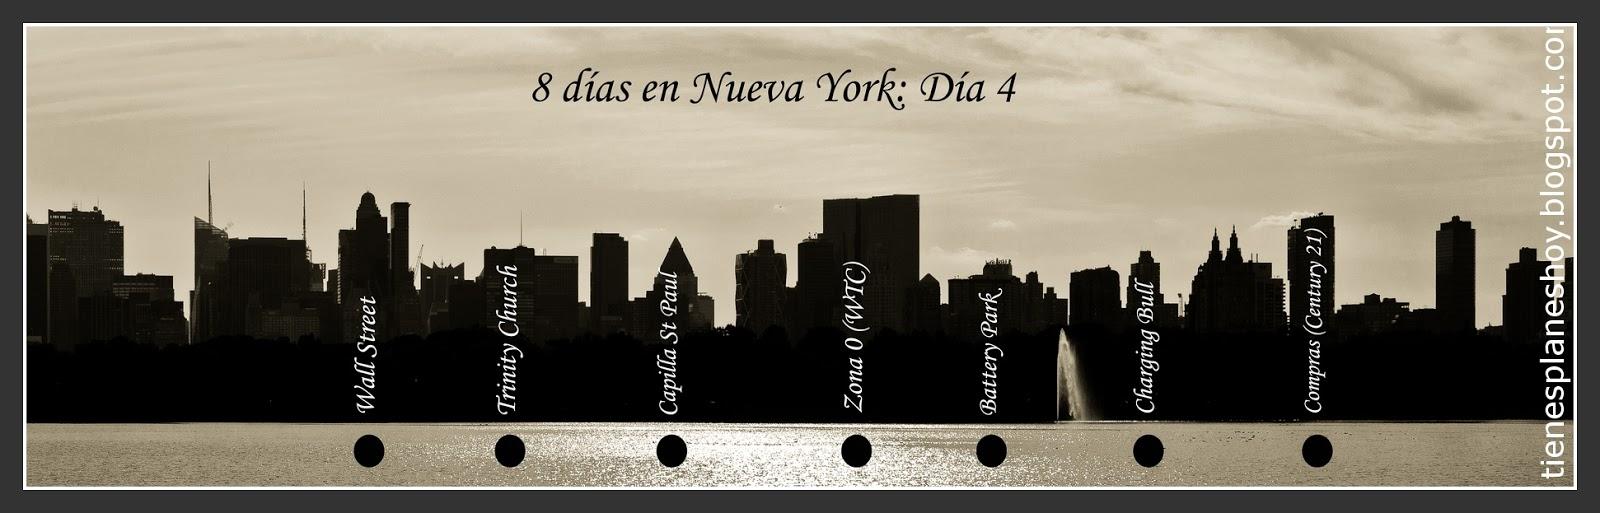 Itinerario día 4 de 8 días en Nueva York